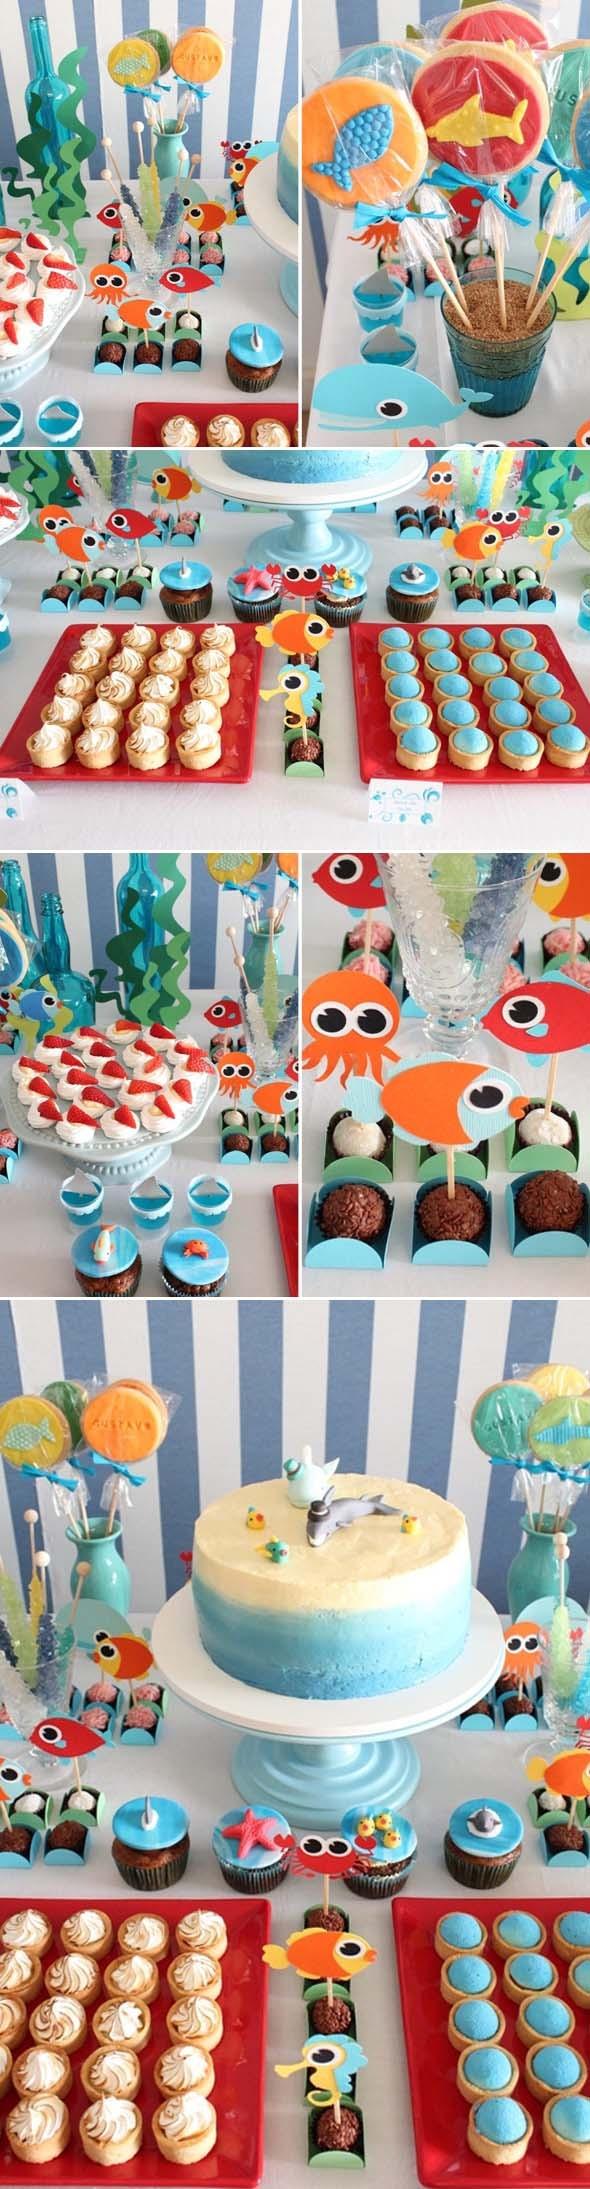 Thème anniversaire marin, pour les enfants fans de poissons!